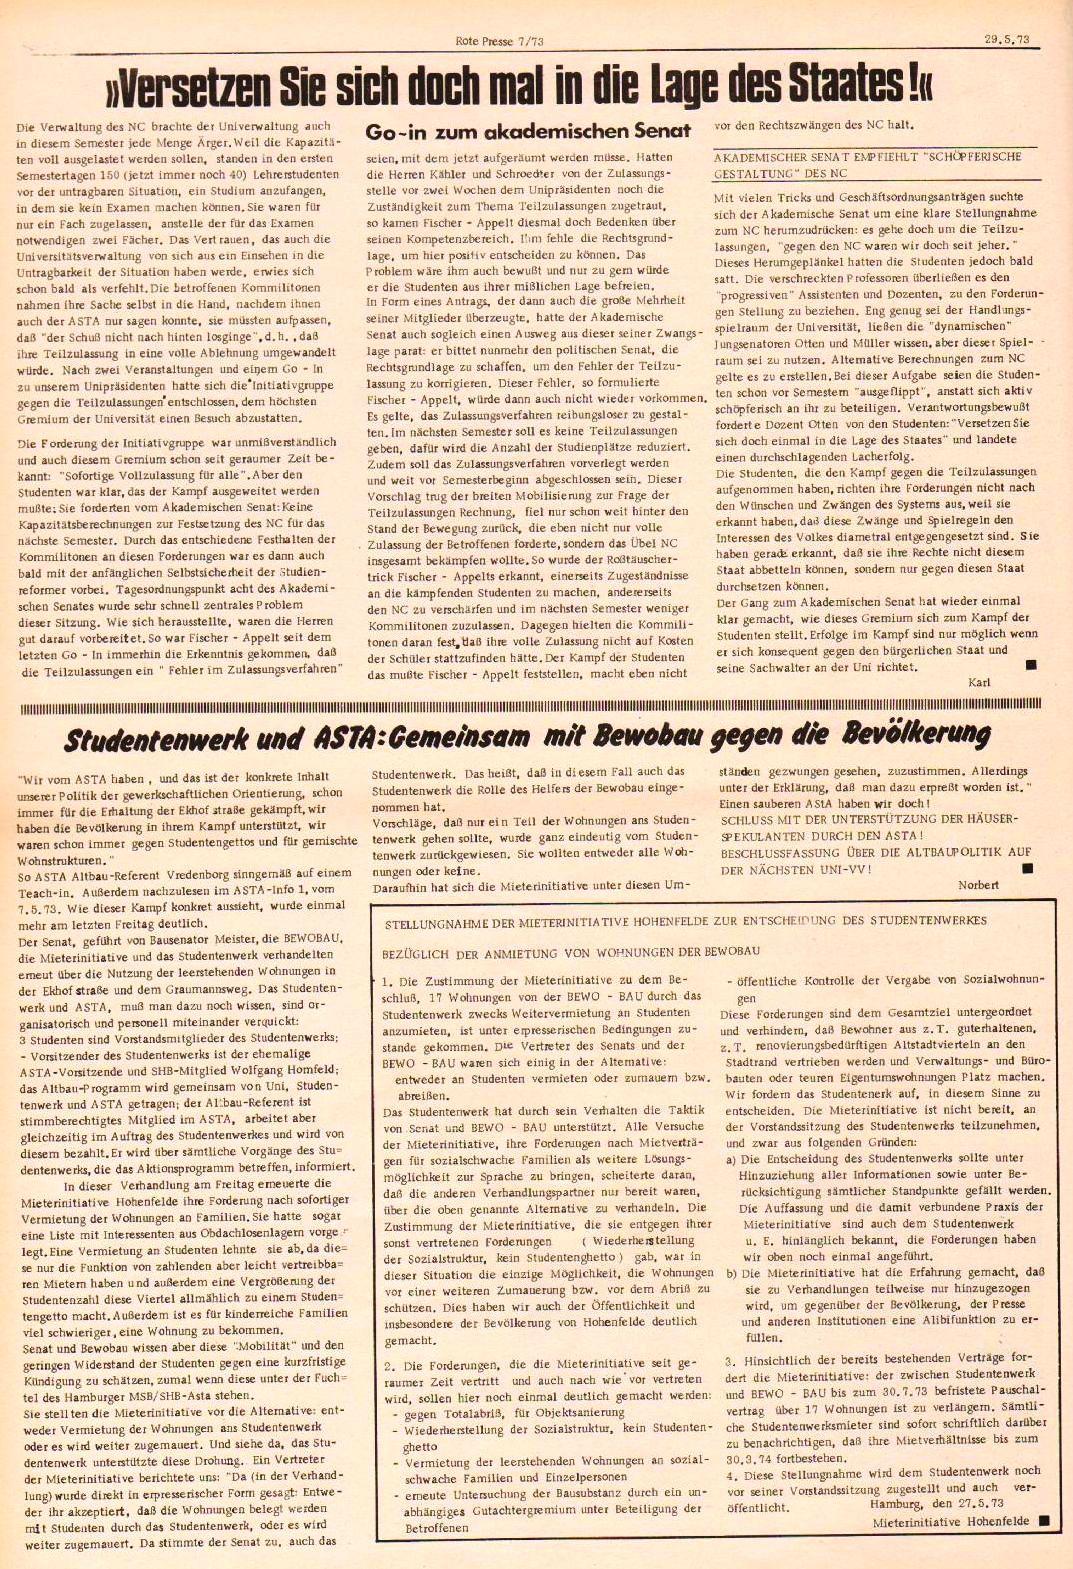 Hamburg_Rote_Presse197